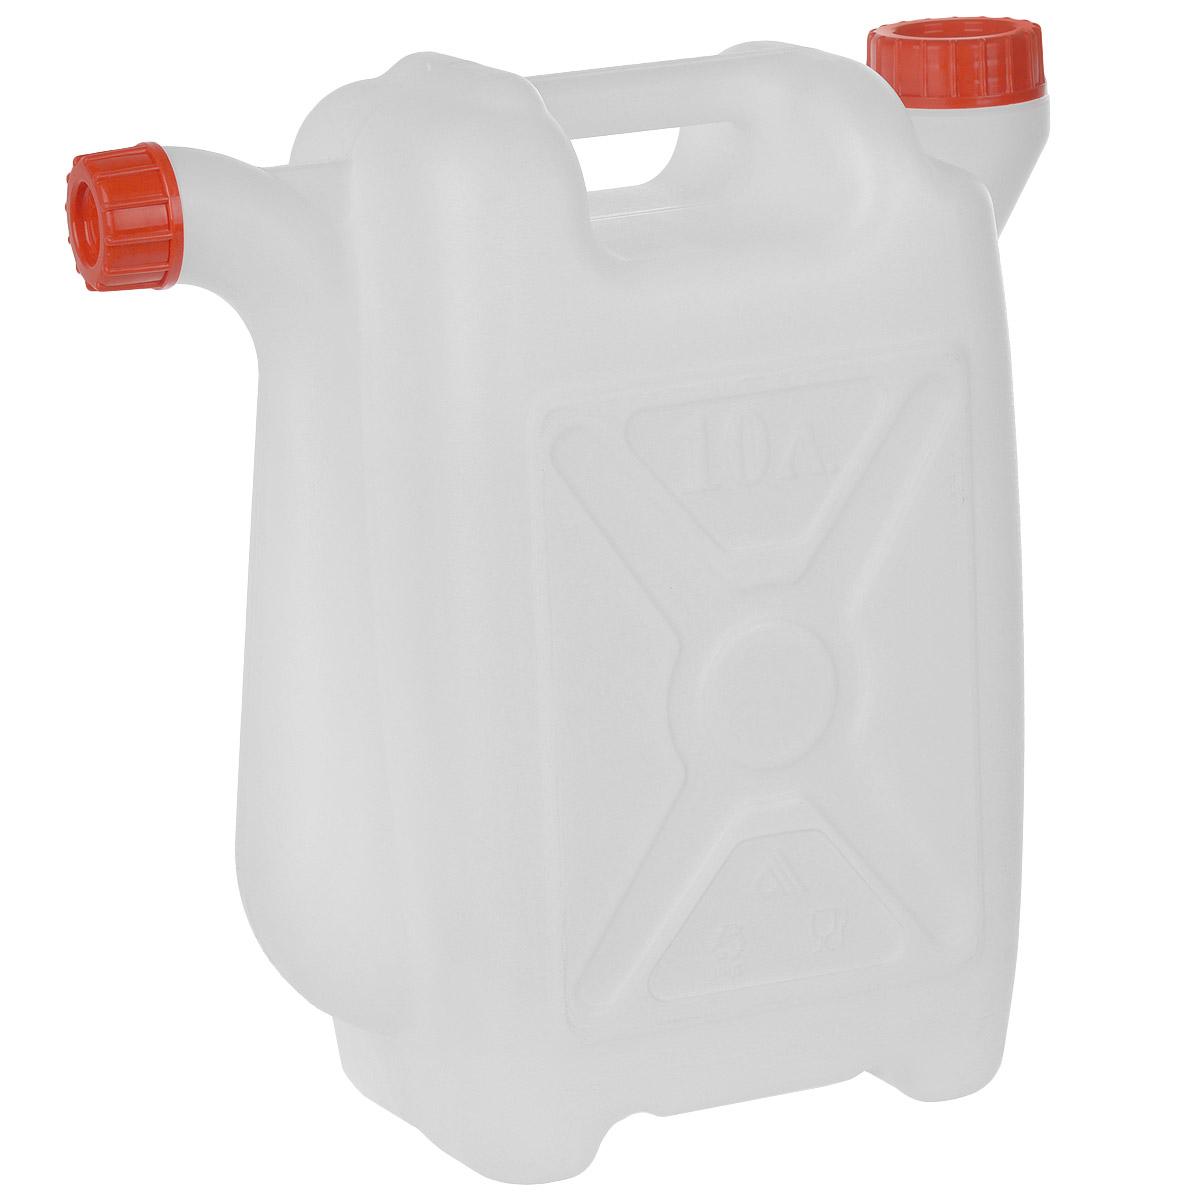 Канистра со сливом Альтернатива, 10 лМ049Канистра Альтернатива на 10 литров, изготовленная из прочного пластика, несомненно, пригодится вам во время путешествия. Предназначена для переноски и хранения различных жидкостей. Канистра оснащена сливом.